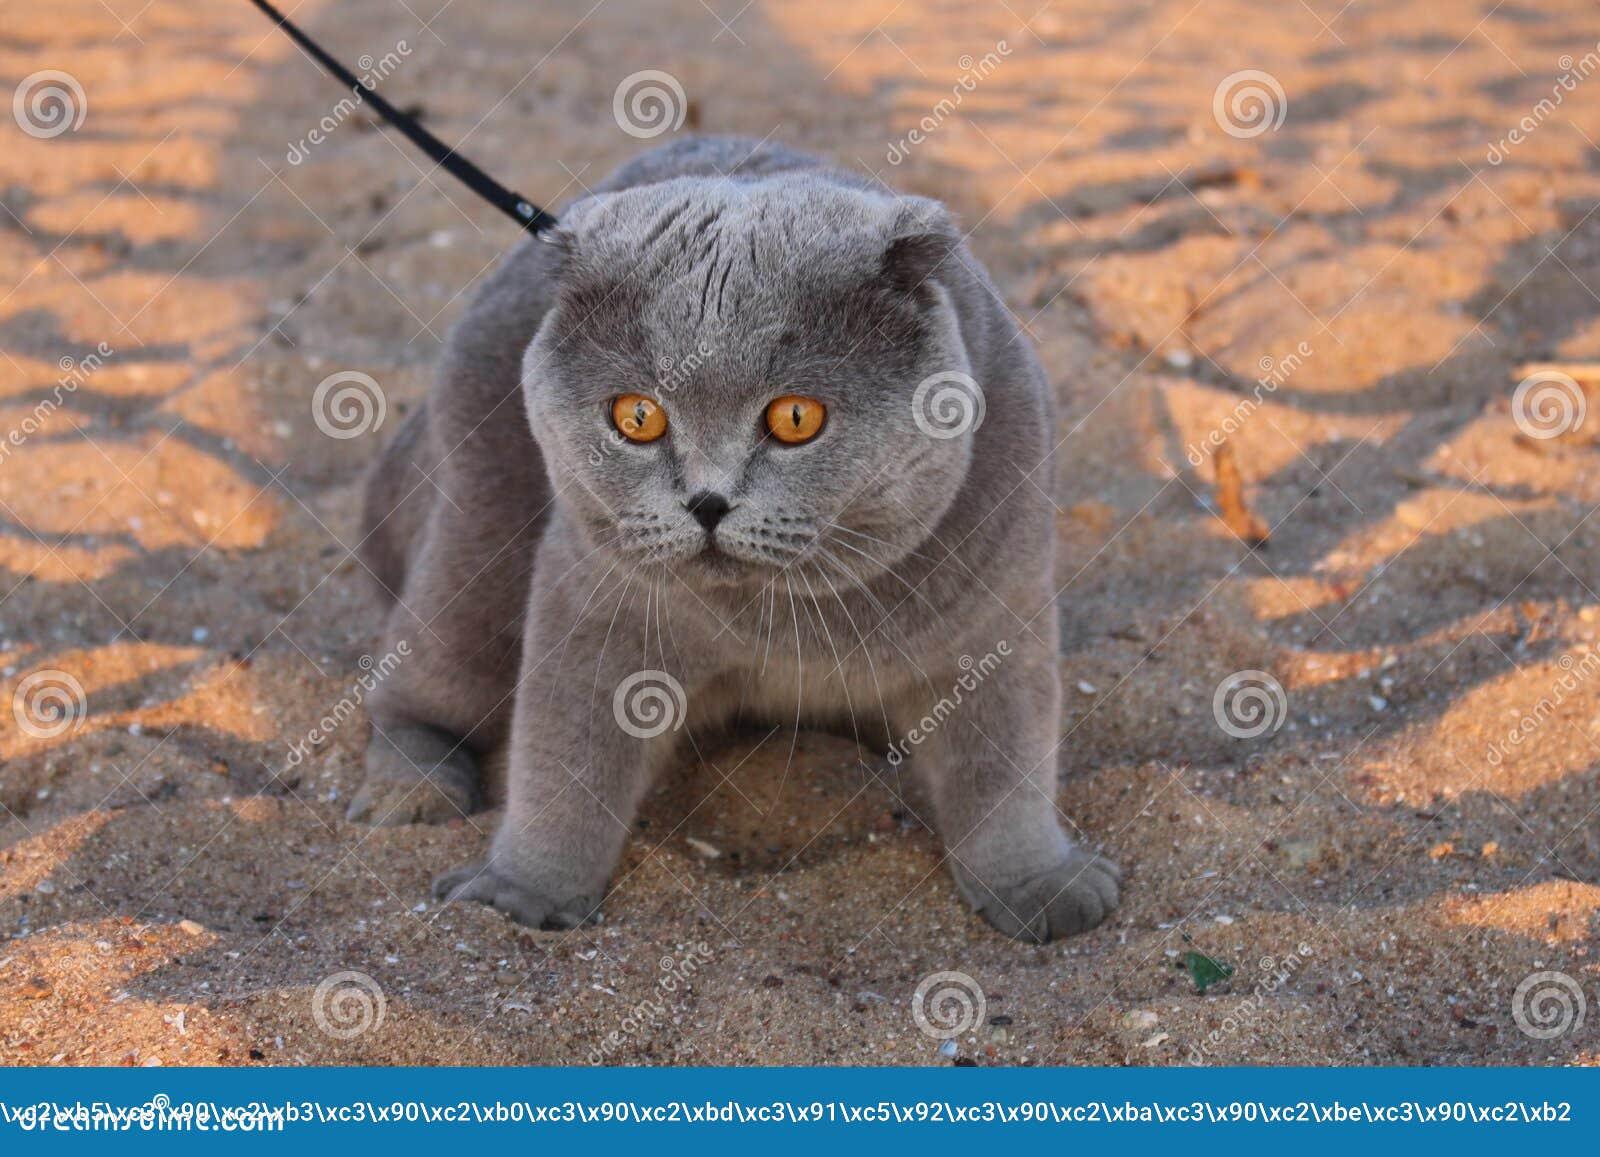 En enorm rökig katt med gula ögon och en krage